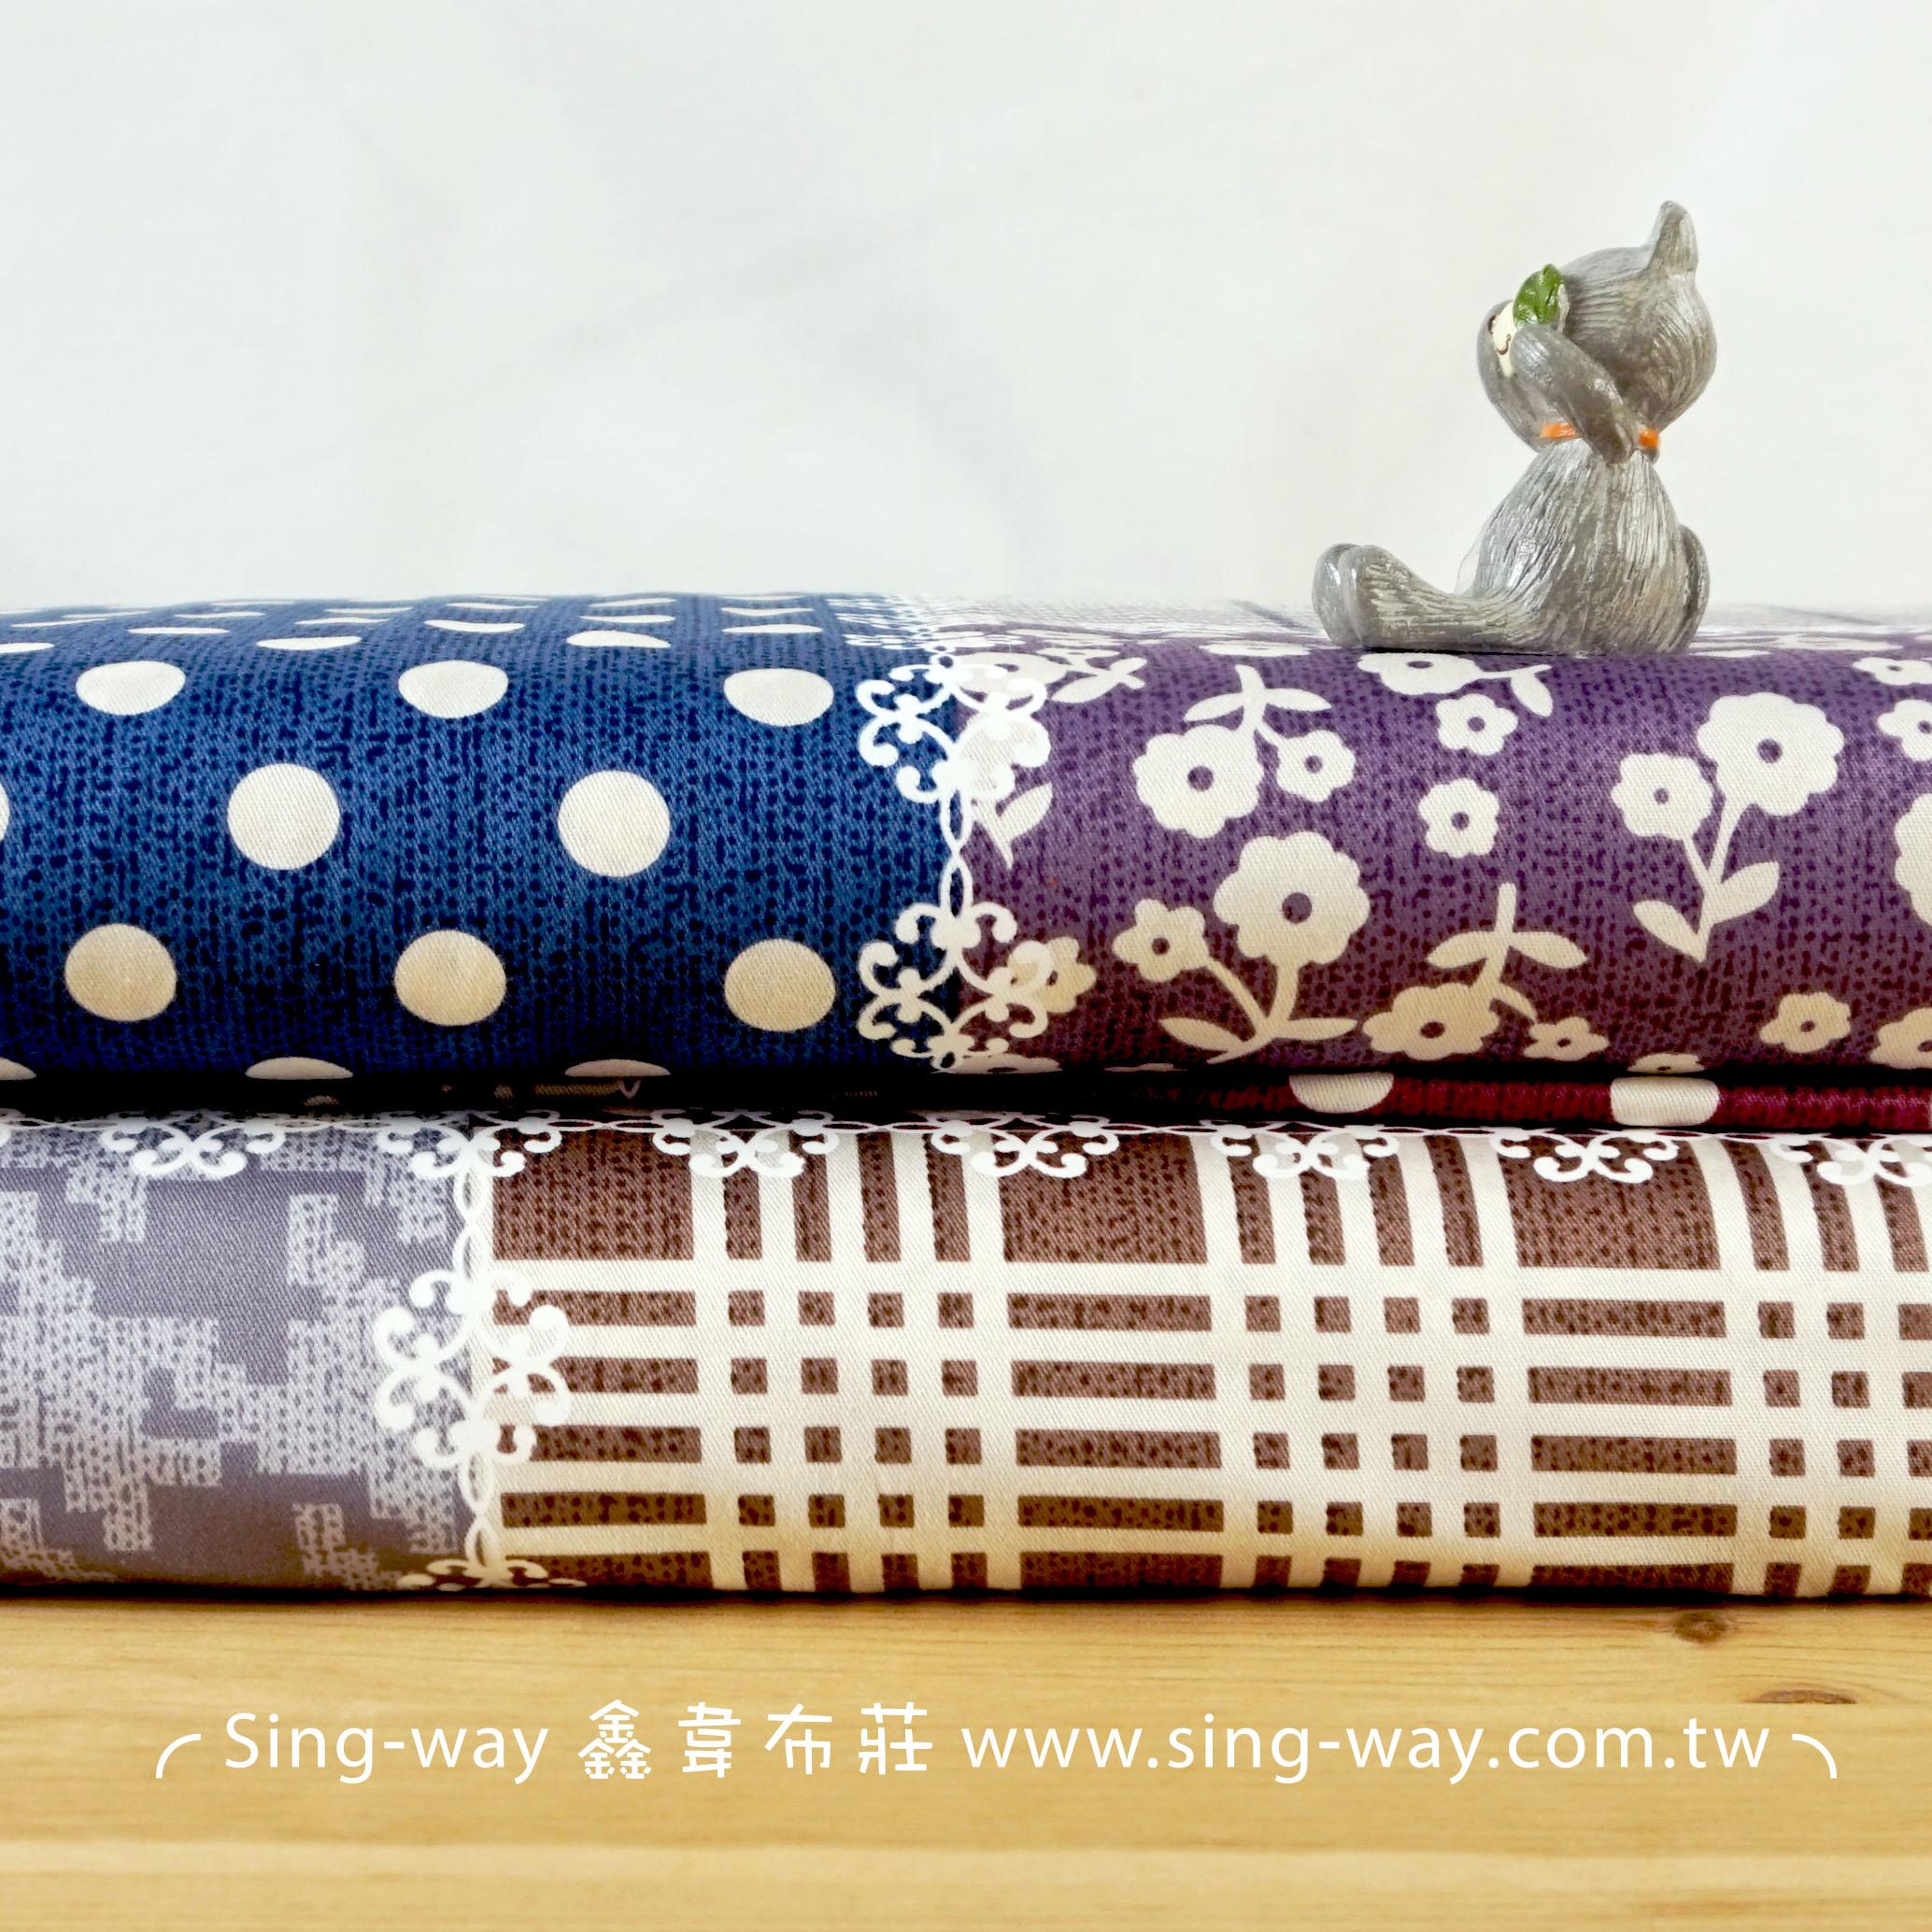 拼布方格 點點 水玉 碎花 格子 精梳棉床品床單布料 CA490363